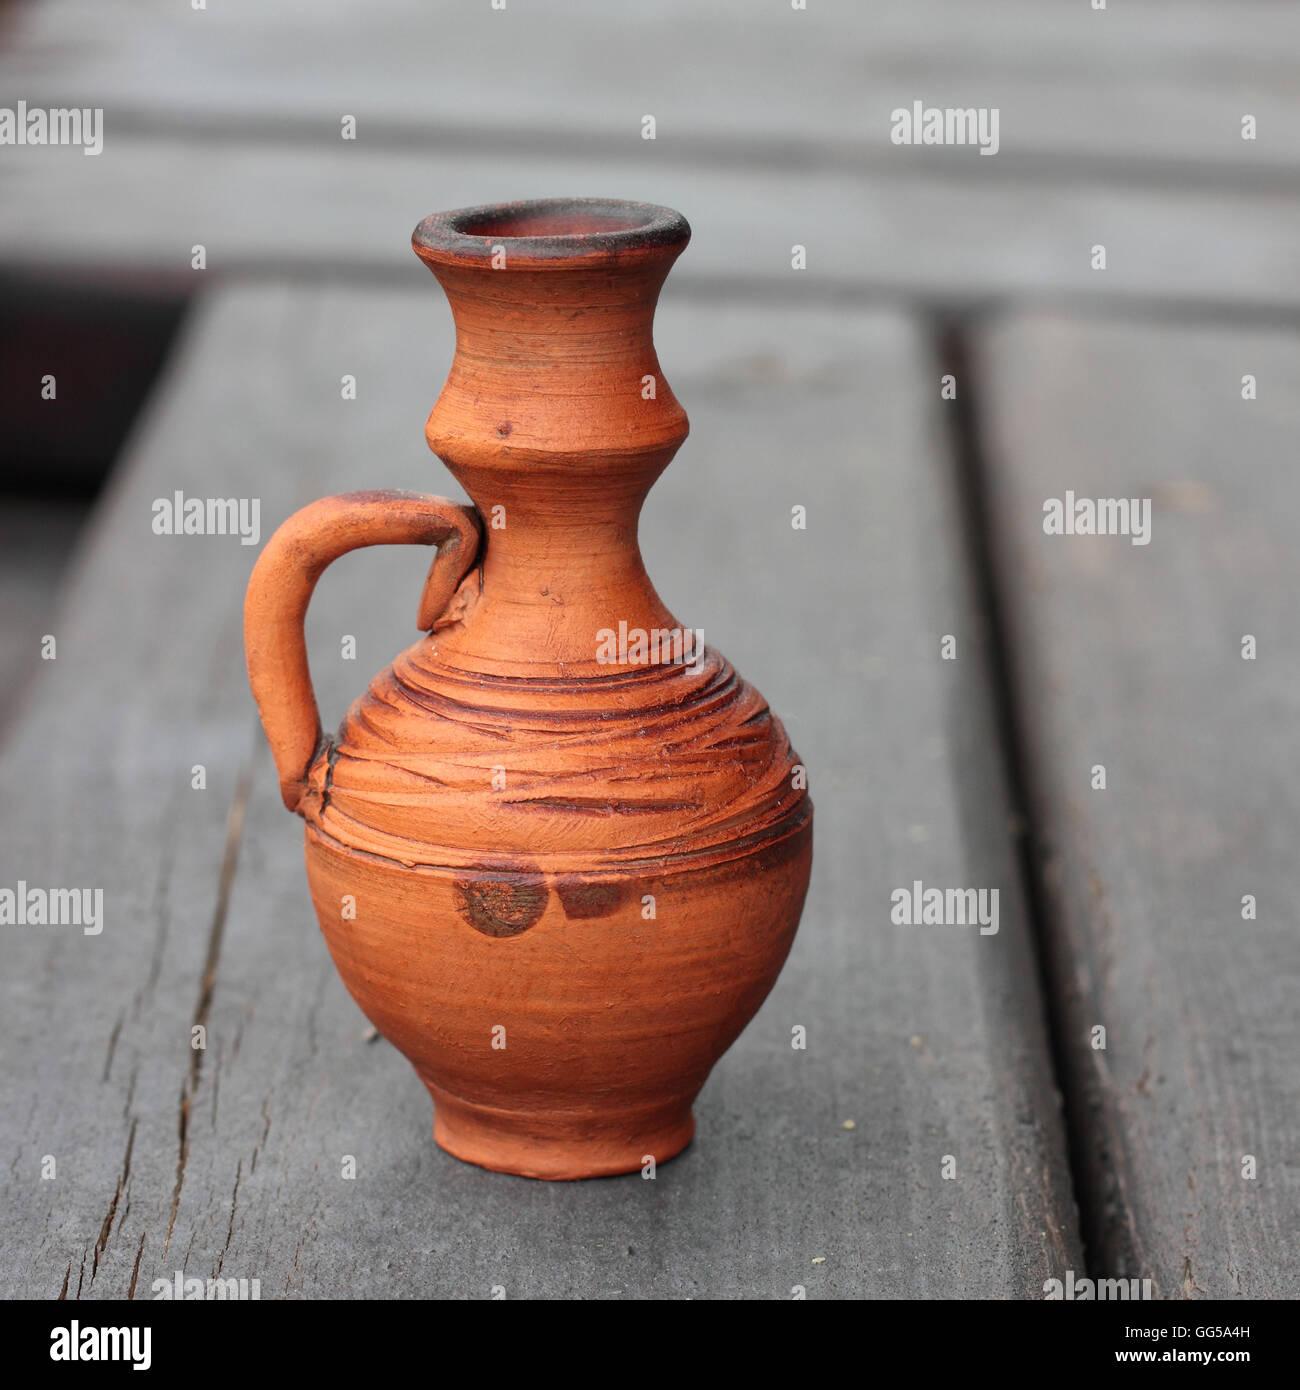 Storage for liquids - Old Vintage jug ewer on darkly brown wooden background. Stock Photo